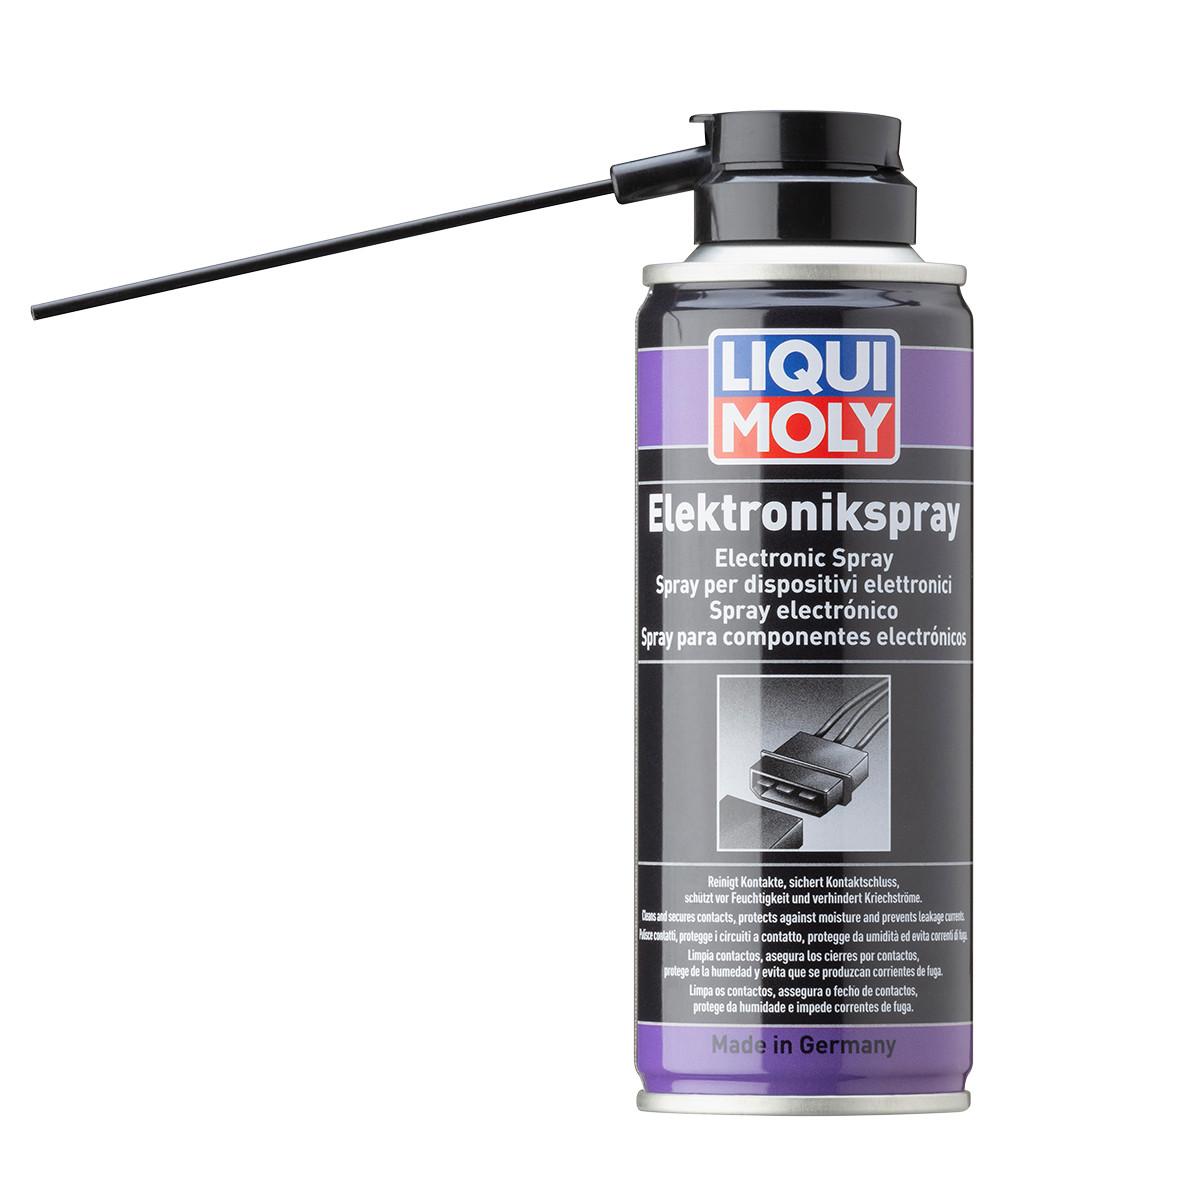 Спрей для электропроводки Electronic-Spray, LIQUI MOLY